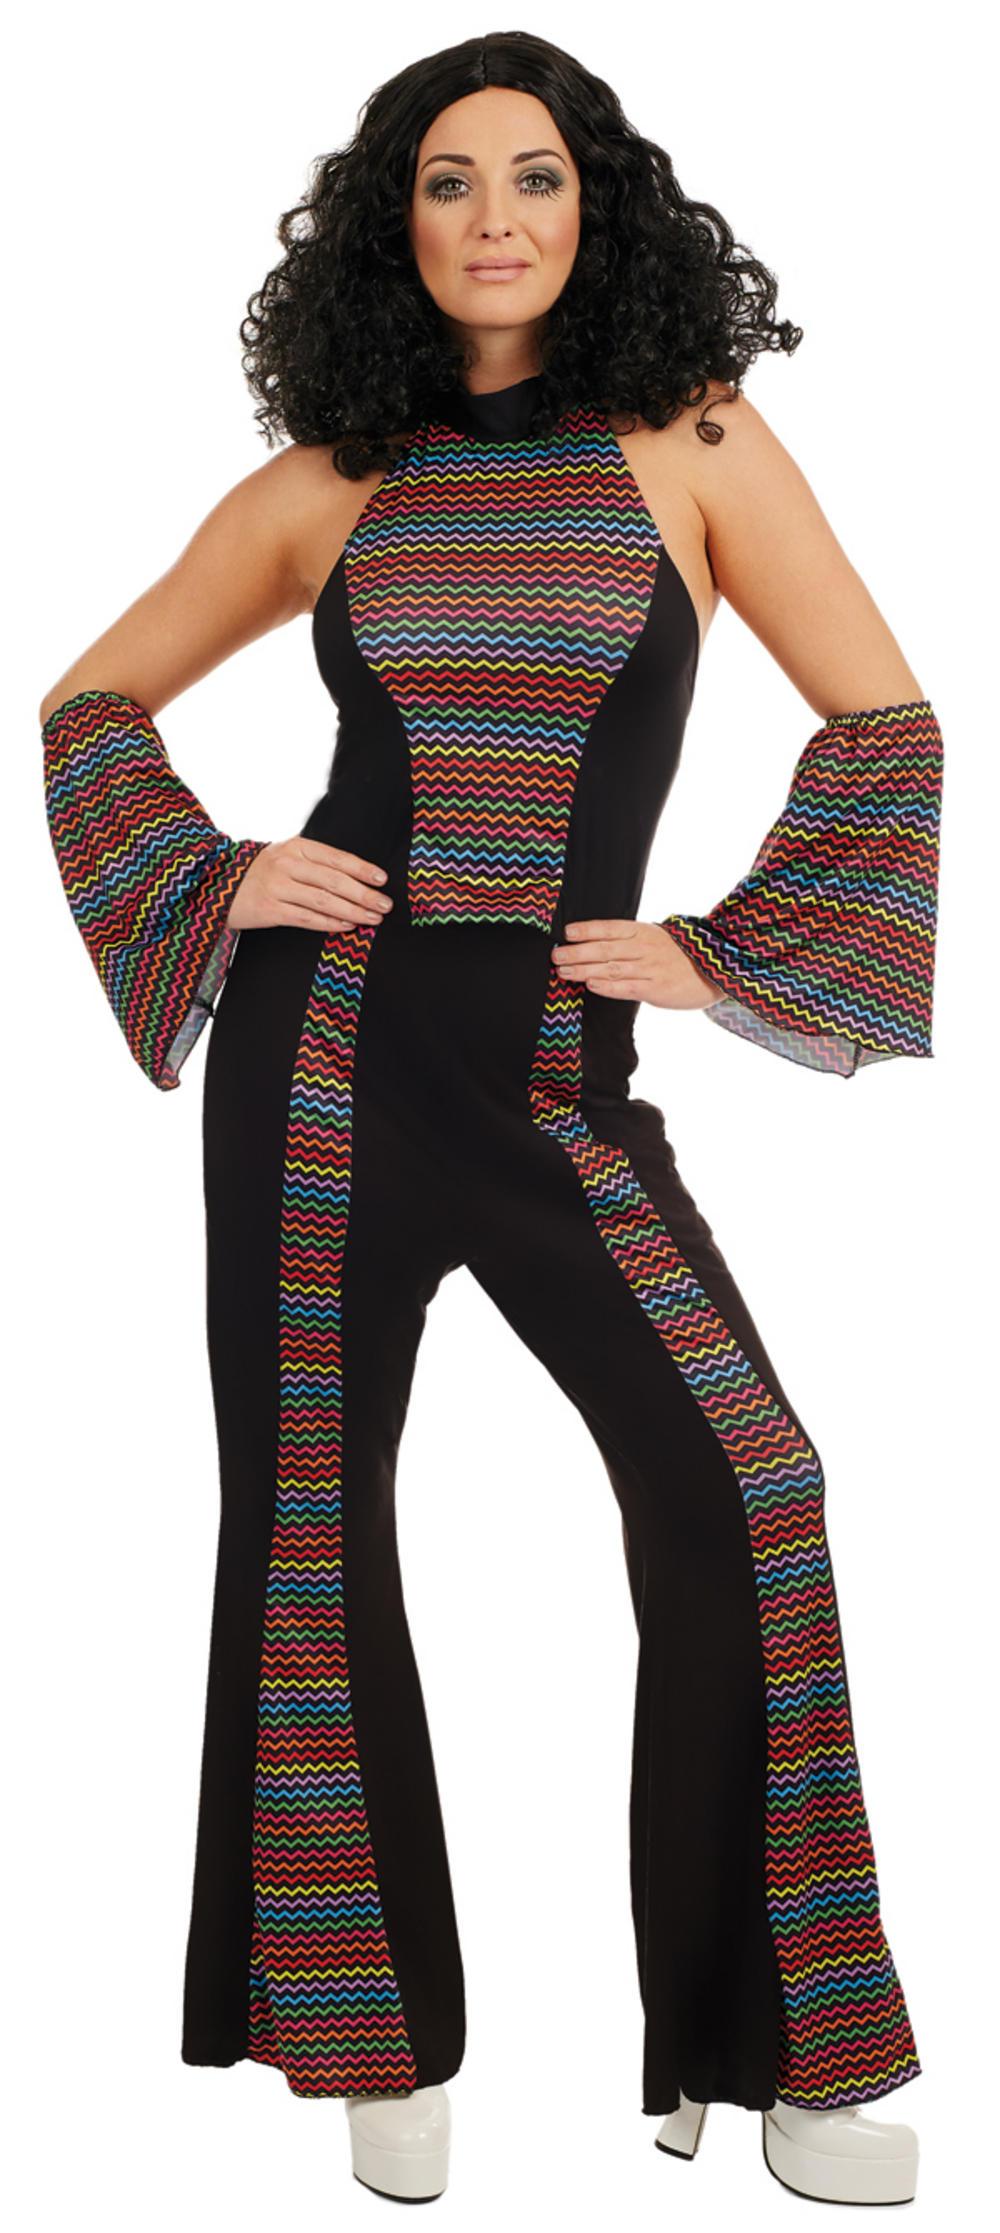 Disco diva ladies costume letter d costumes mega for Diva attire